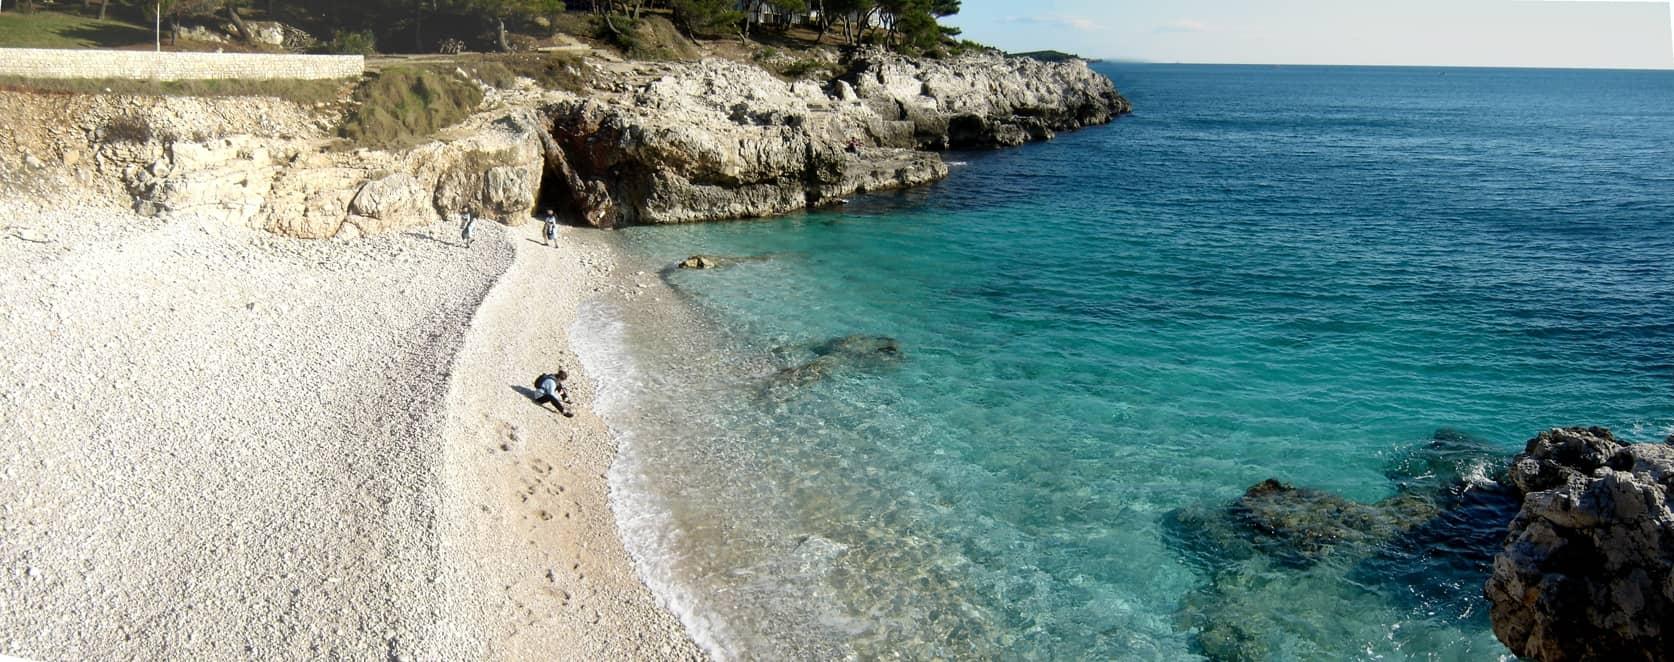 חוף הים בפולה, קרואטיה